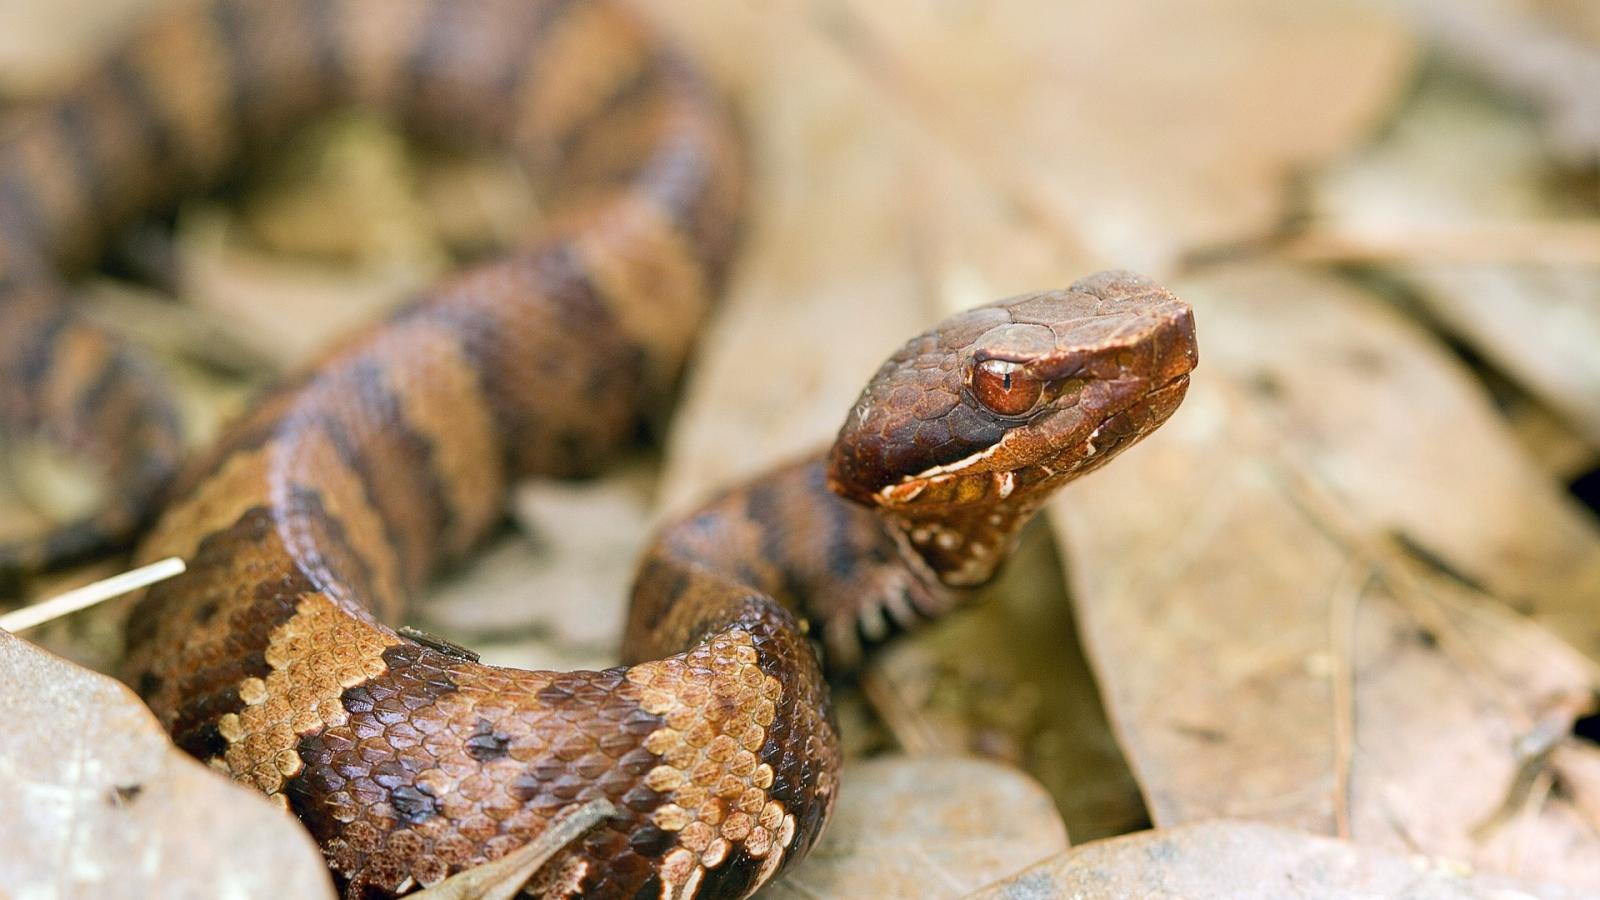 Una serpiente aterradora - 1600x900